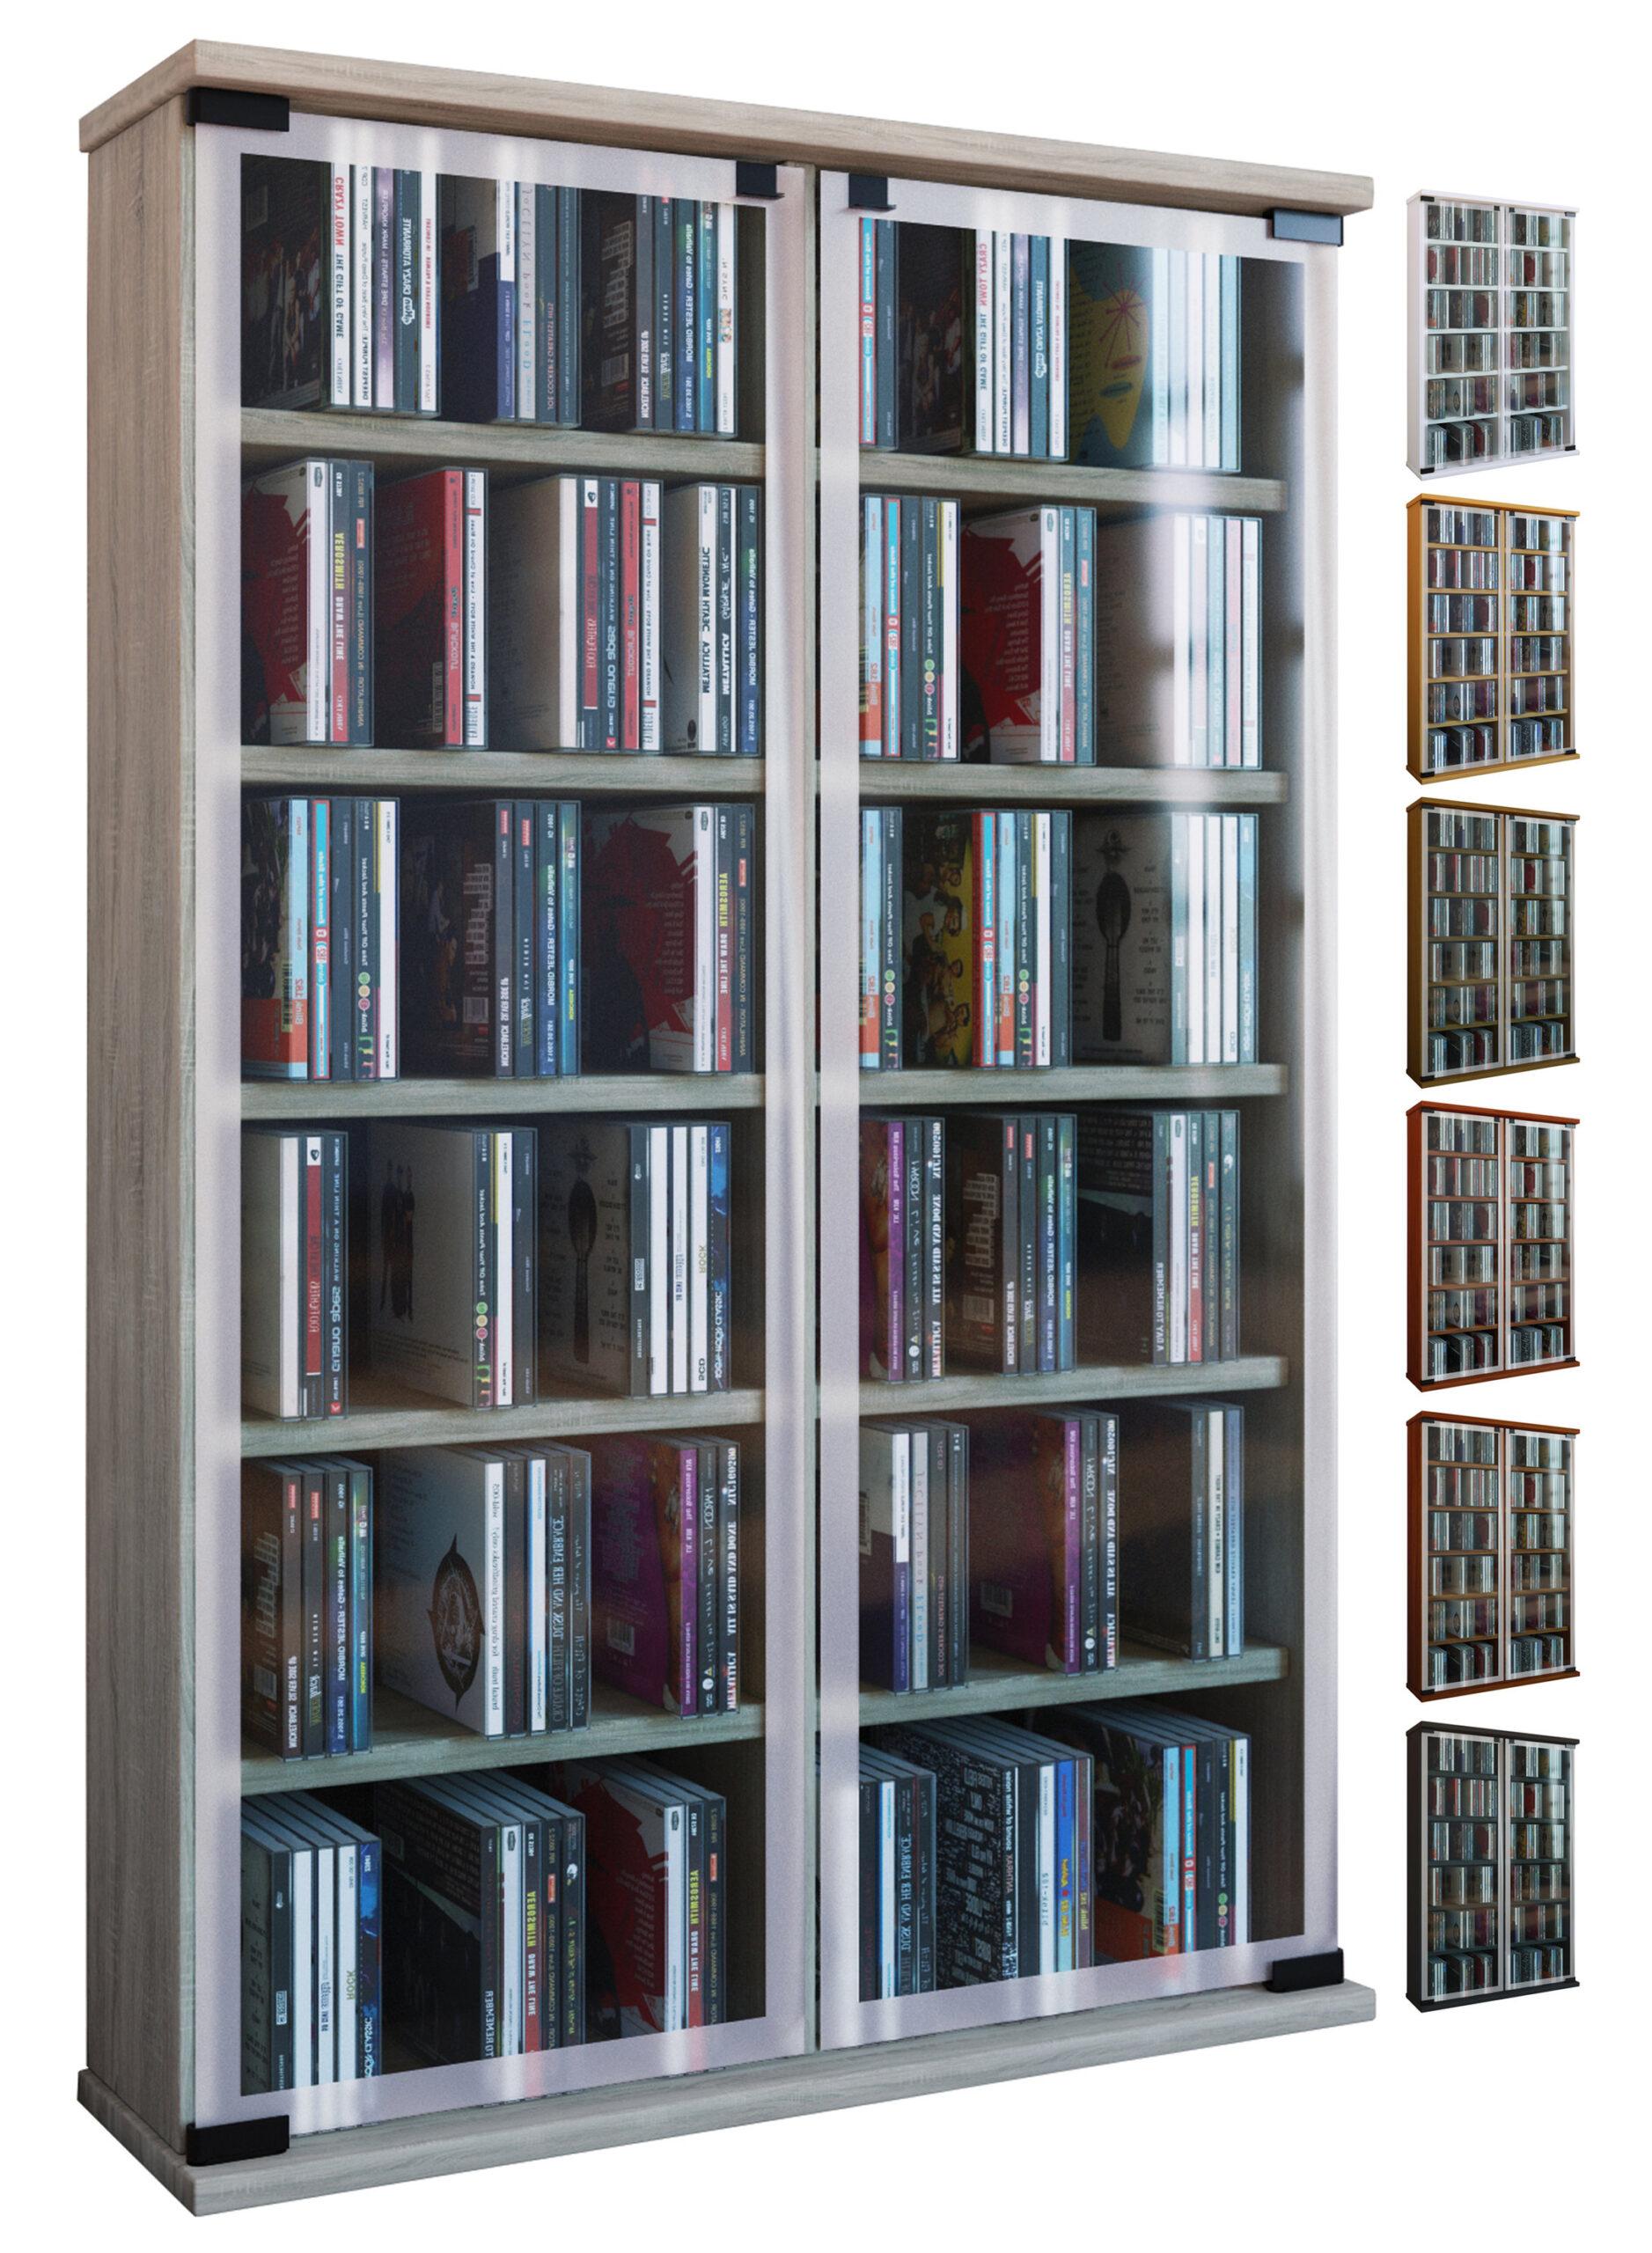 Full Size of Regal Kaufen Sofa Online String Pocket Regale Metall Blu Ray Holzregal Küche Schlafzimmer Wein Garten Pool Guenstig Günstig Babyzimmer Paschen Amazon Obi Regal Regal Kaufen